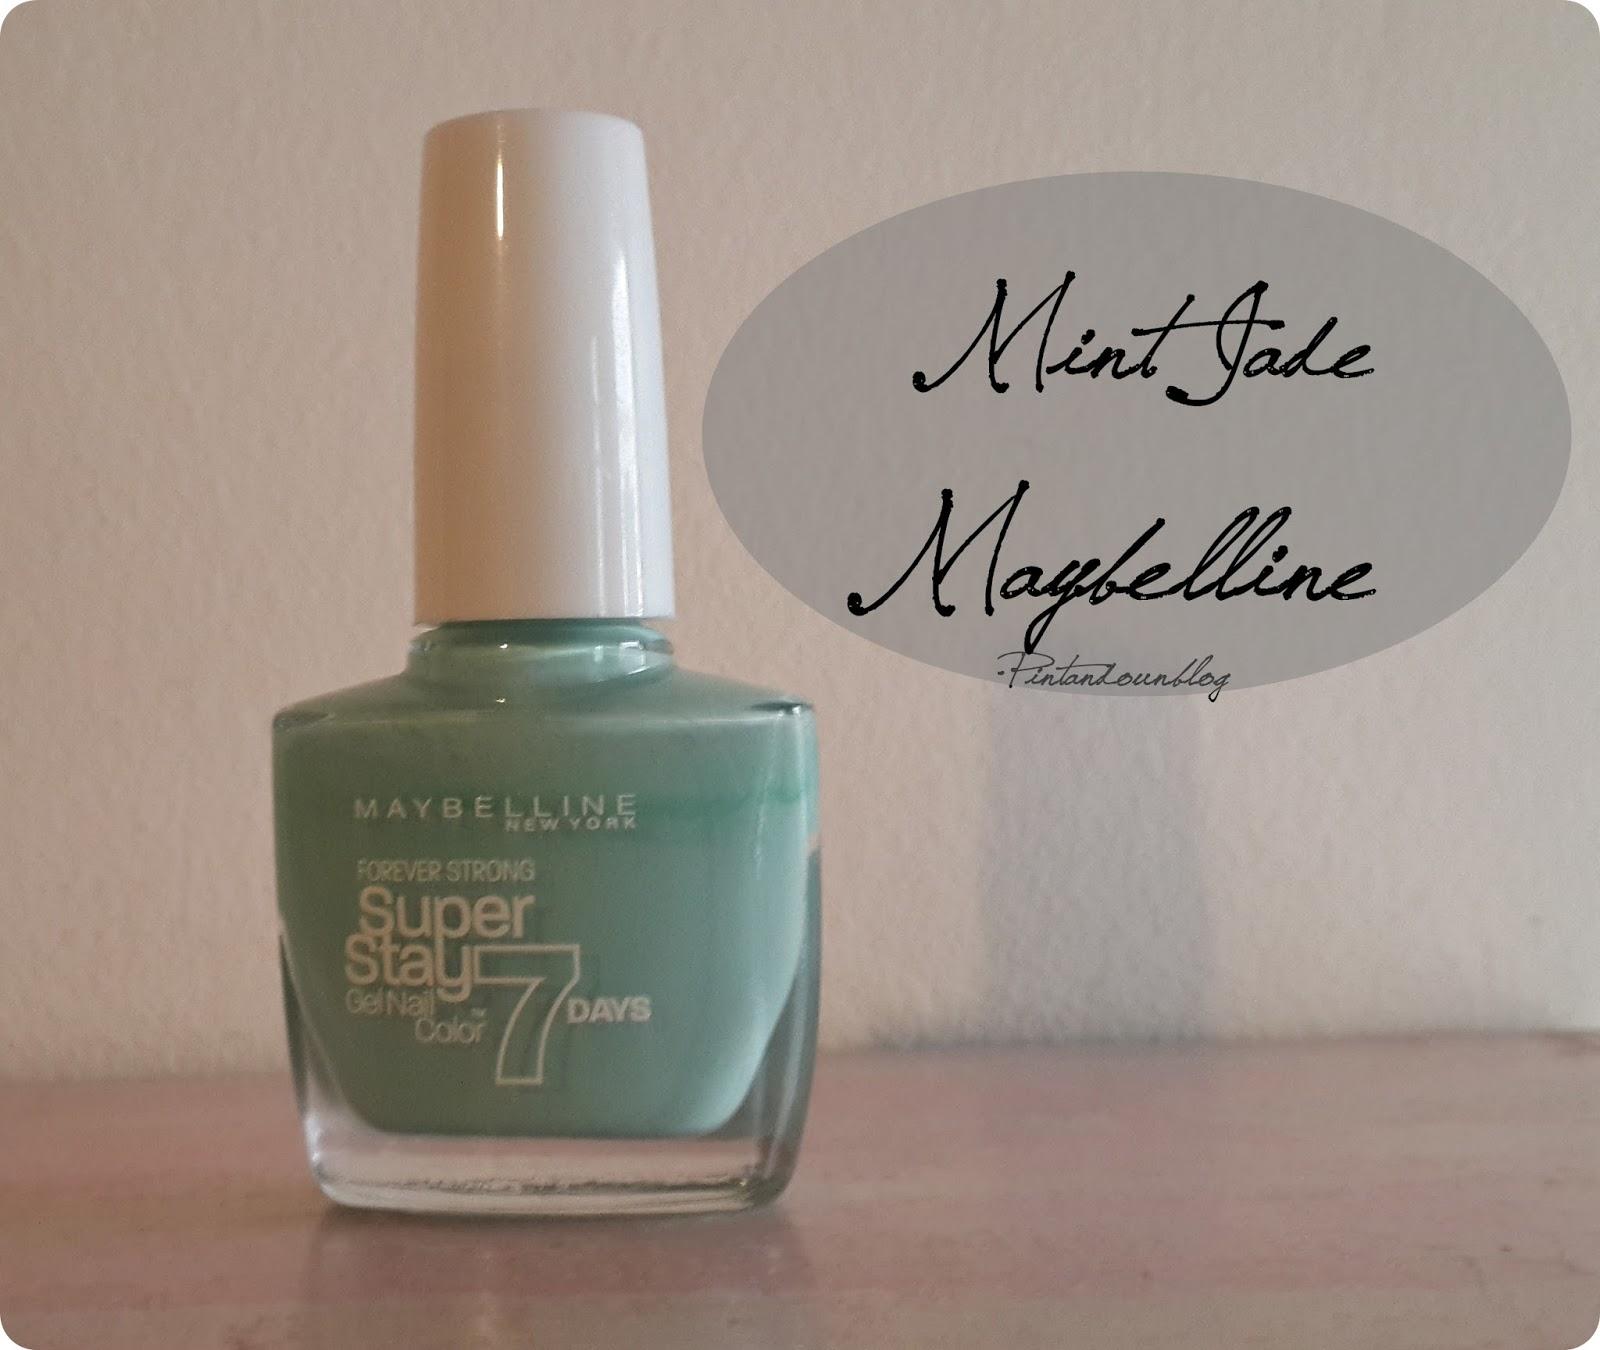 Pintando un blog: Mint Jade - Maybelline